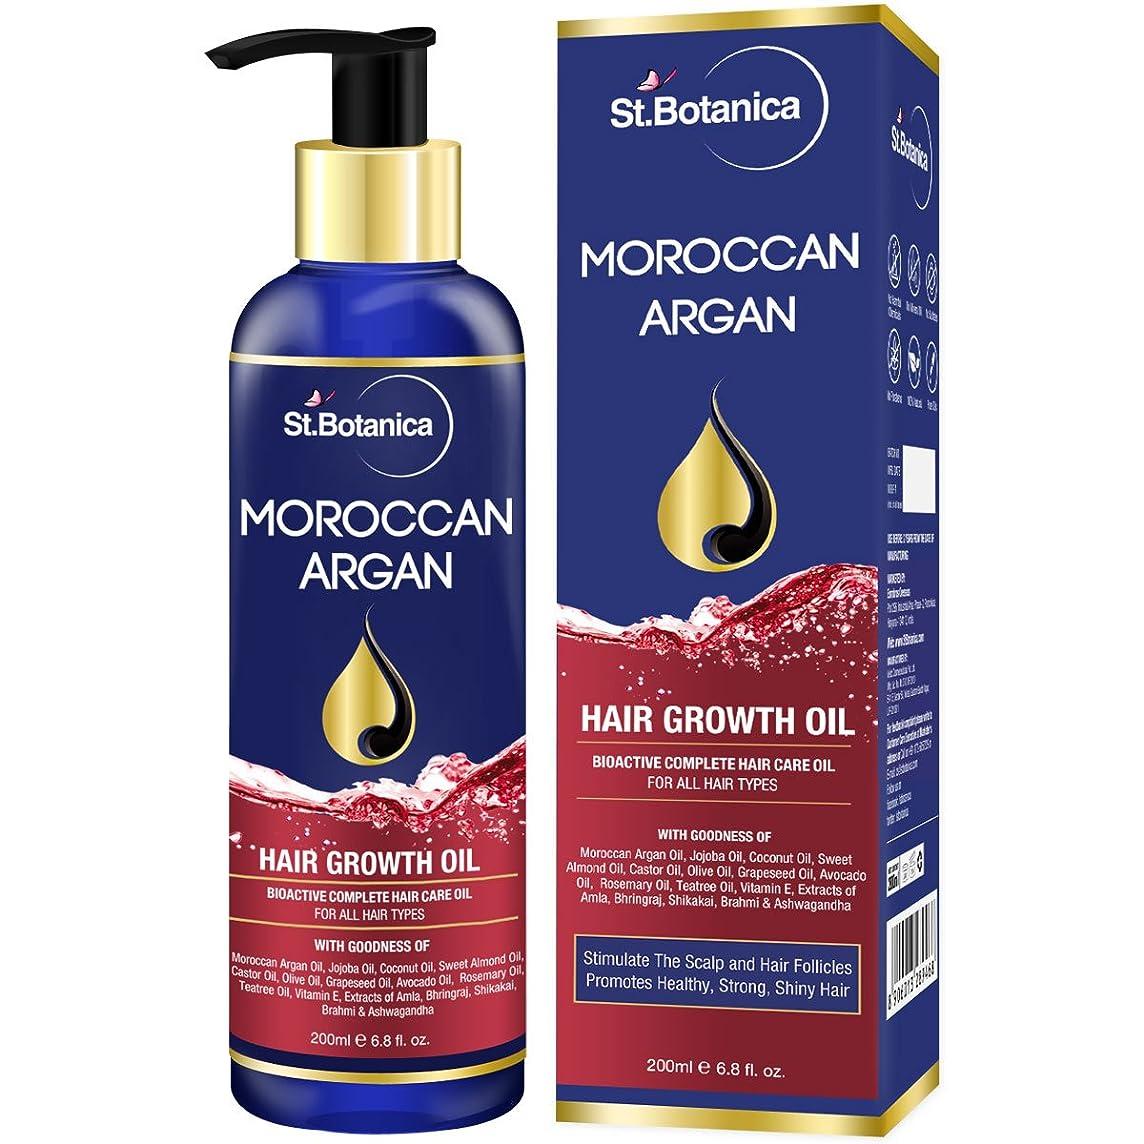 版以上法令StBotanica Moroccan Argan Hair Growth Oil (With Pure Argan, Jojoba, Almond, Castor, Olive, Avocado, Rosemary Oils), 200ml